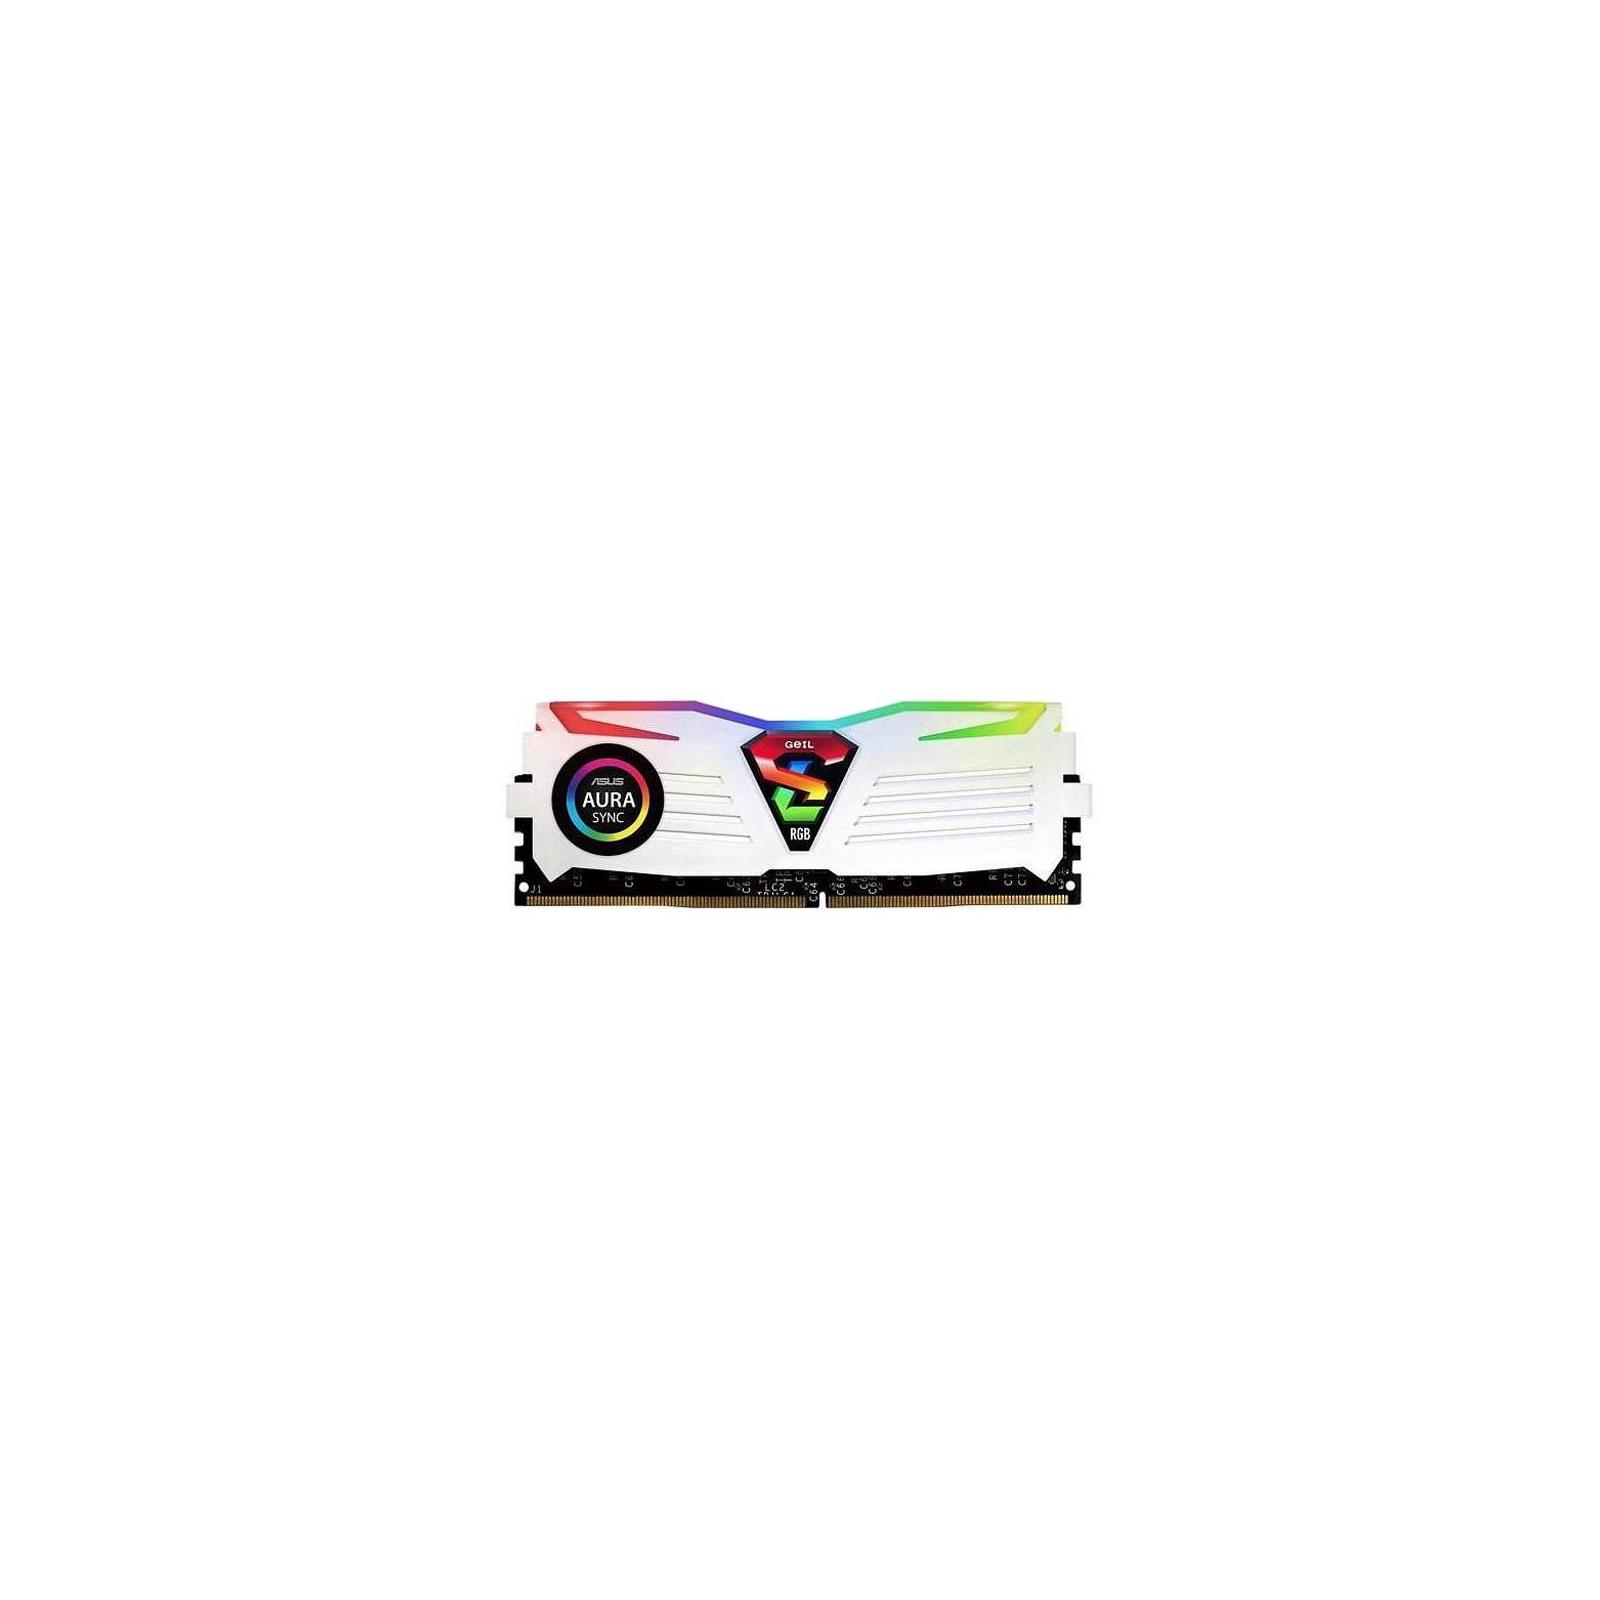 Модуль памяти для компьютера DDR4 16GB (2x8GB) 3200 MHz Super Luce White RGB Sync LED Geil (GLWS416GB3200C16ADC) изображение 2